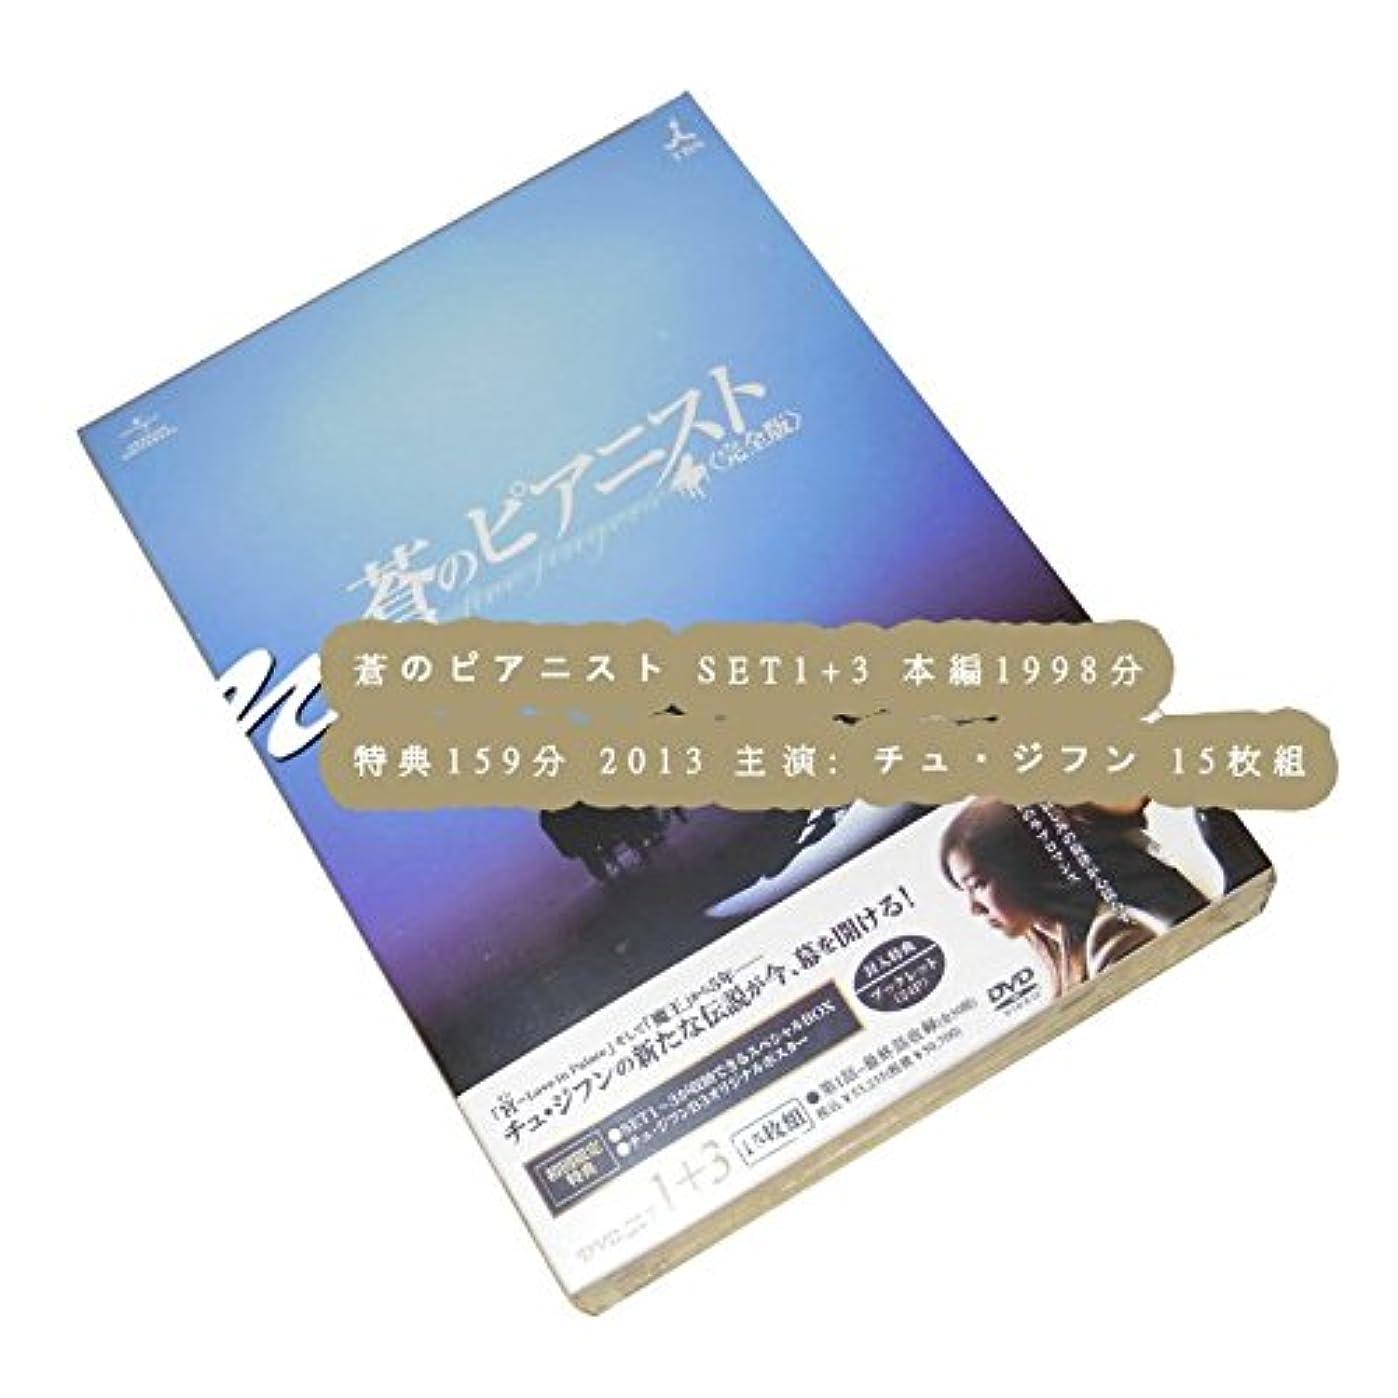 祖父母を訪問郵便病気蒼のピアニスト SET1+3 本編1998分+特典159分 2013 主演: チュ?ジフン